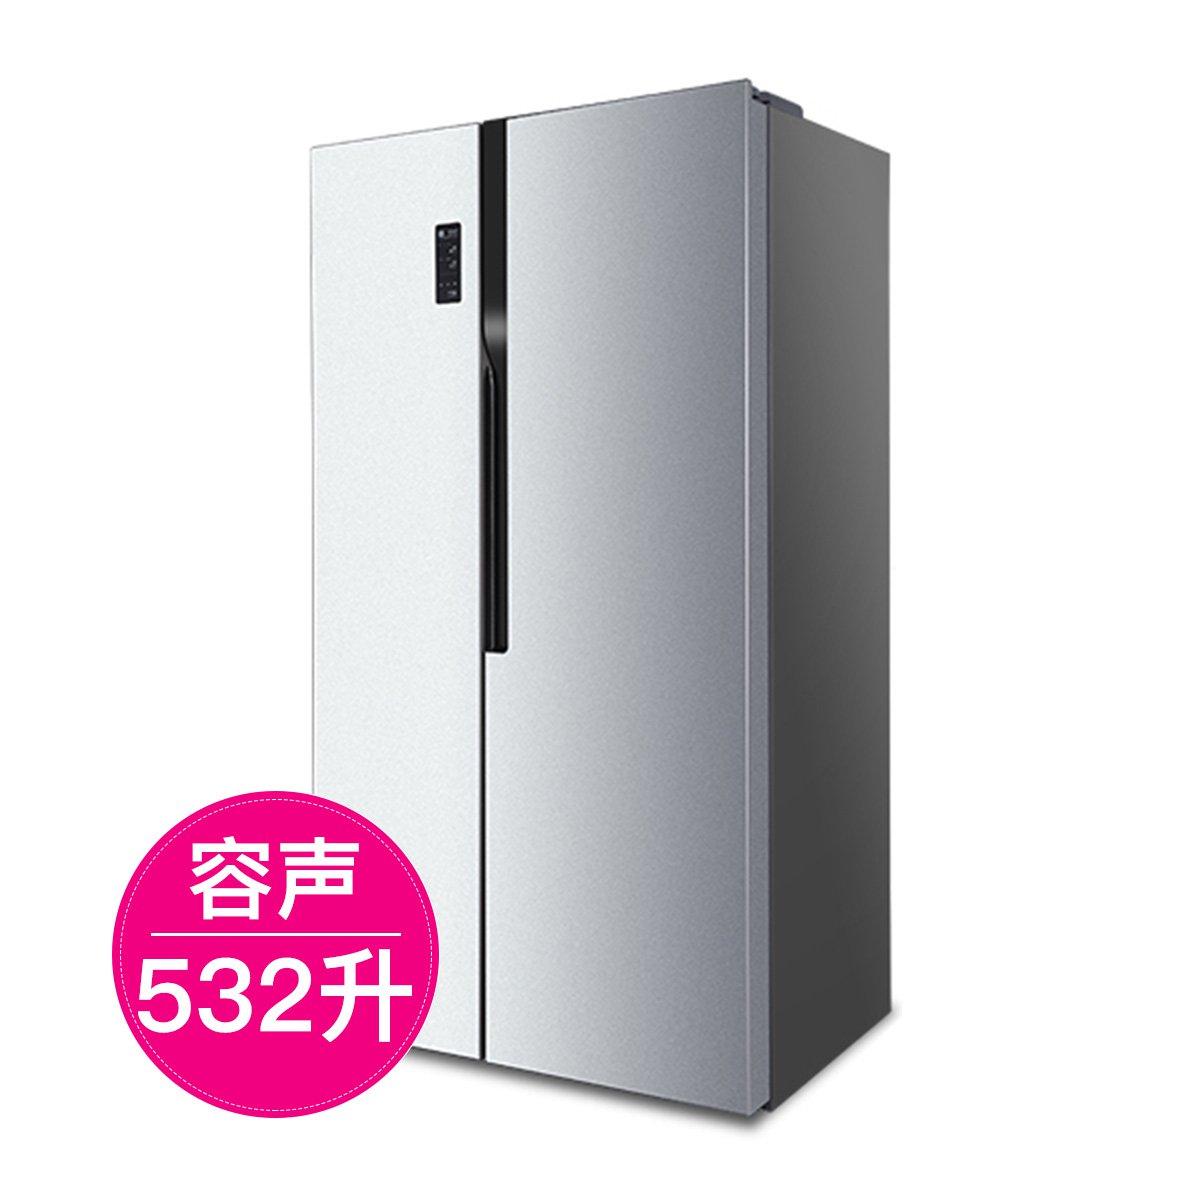 容声冰箱广告图片